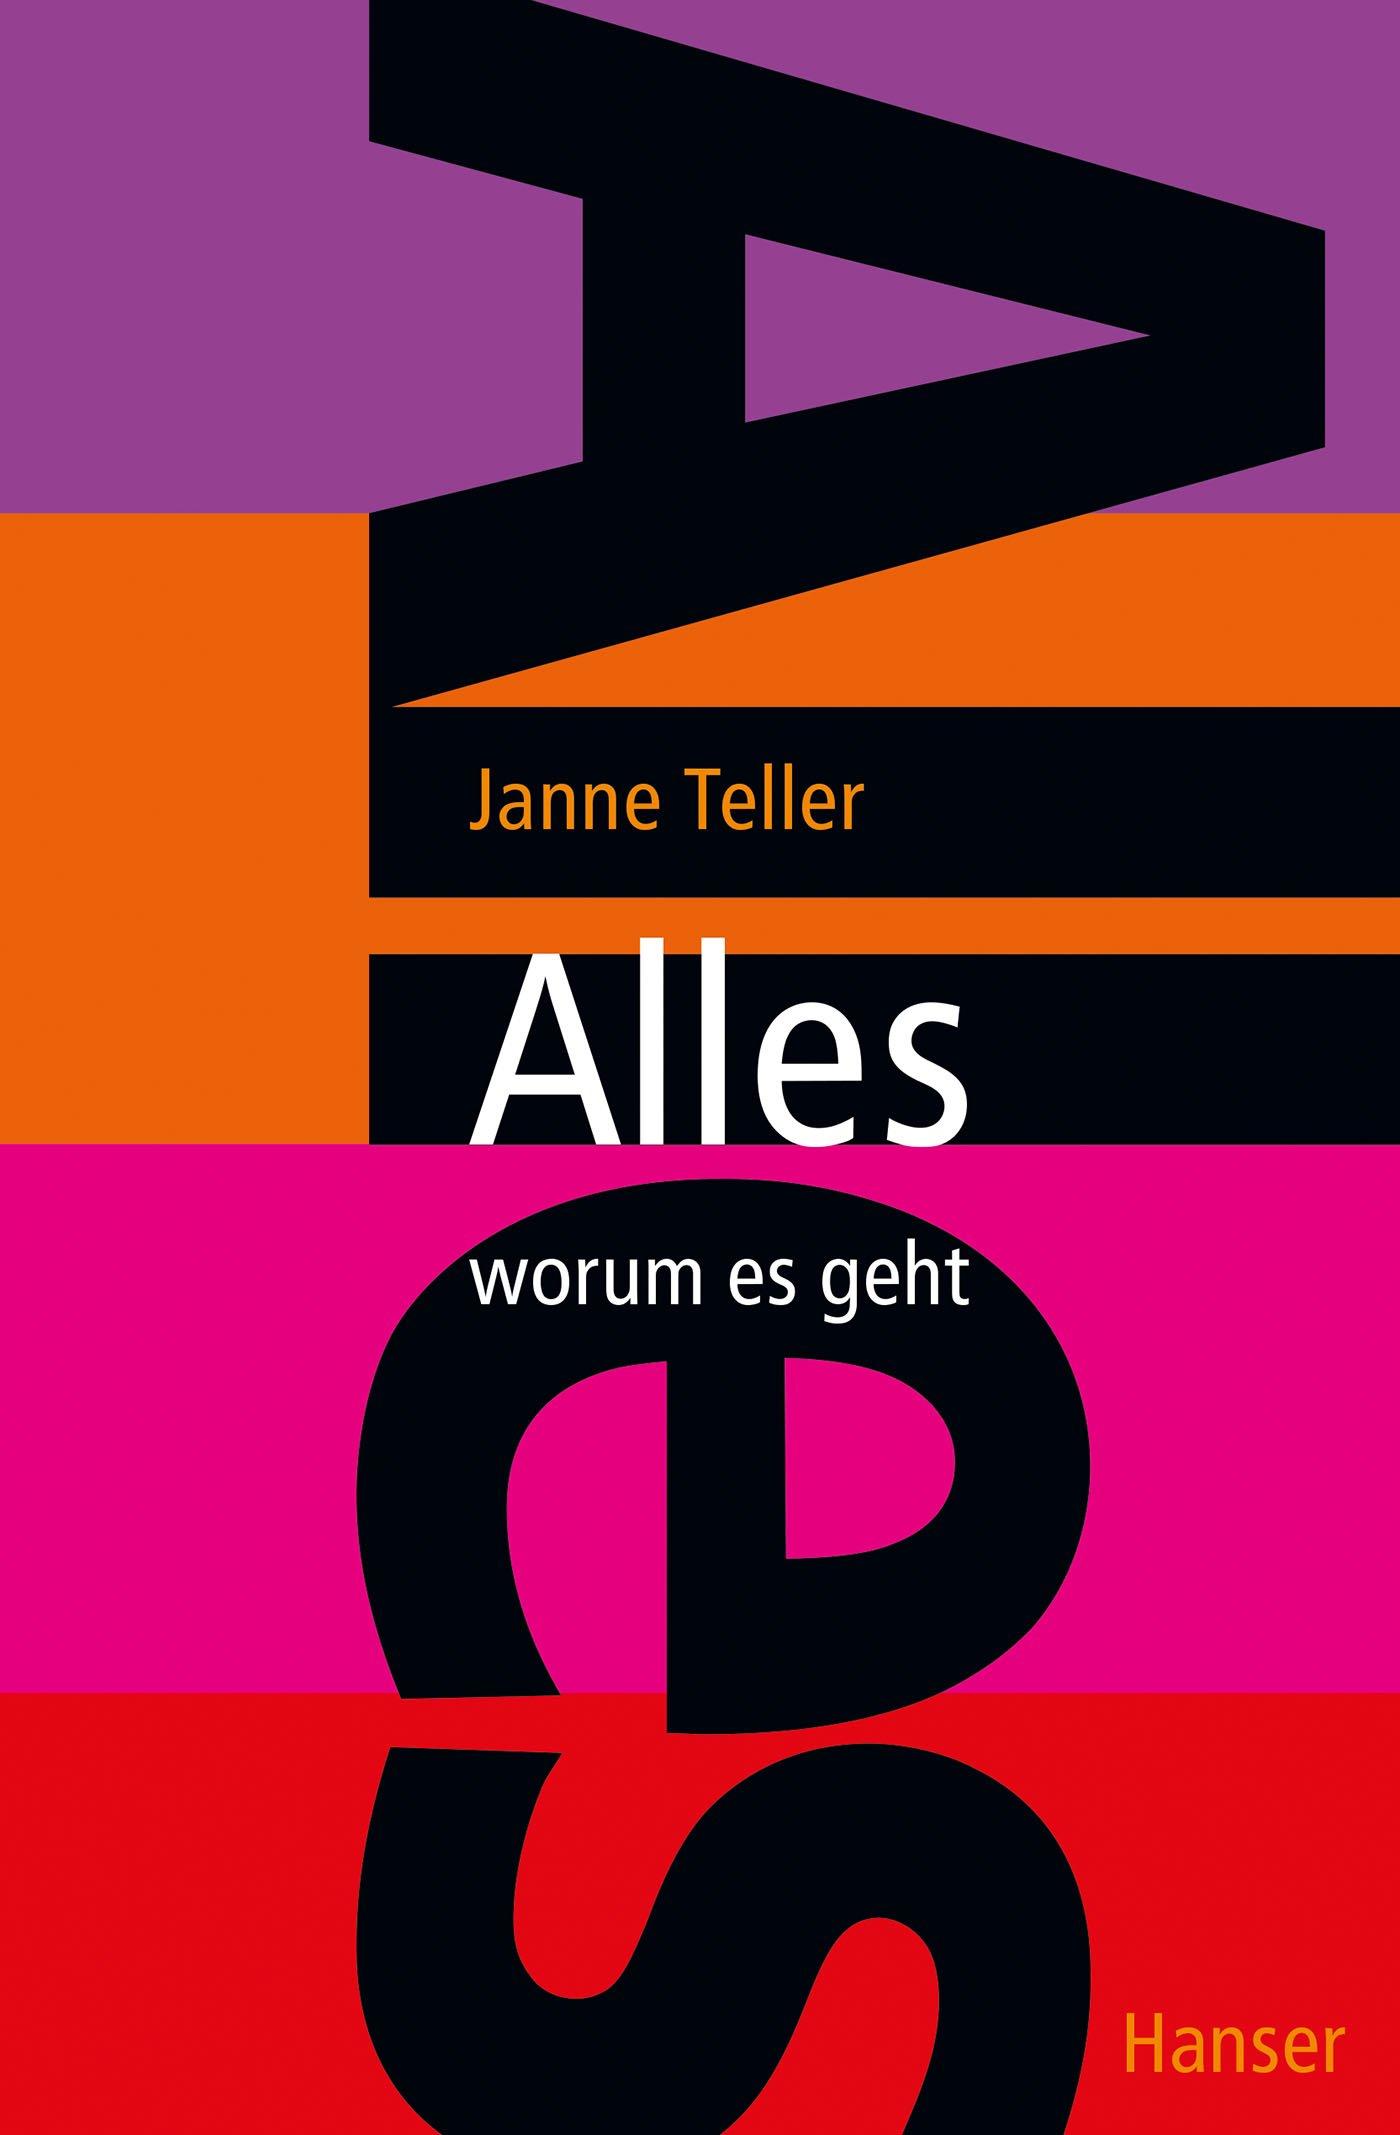 Alles worum es geht von Janne Teller